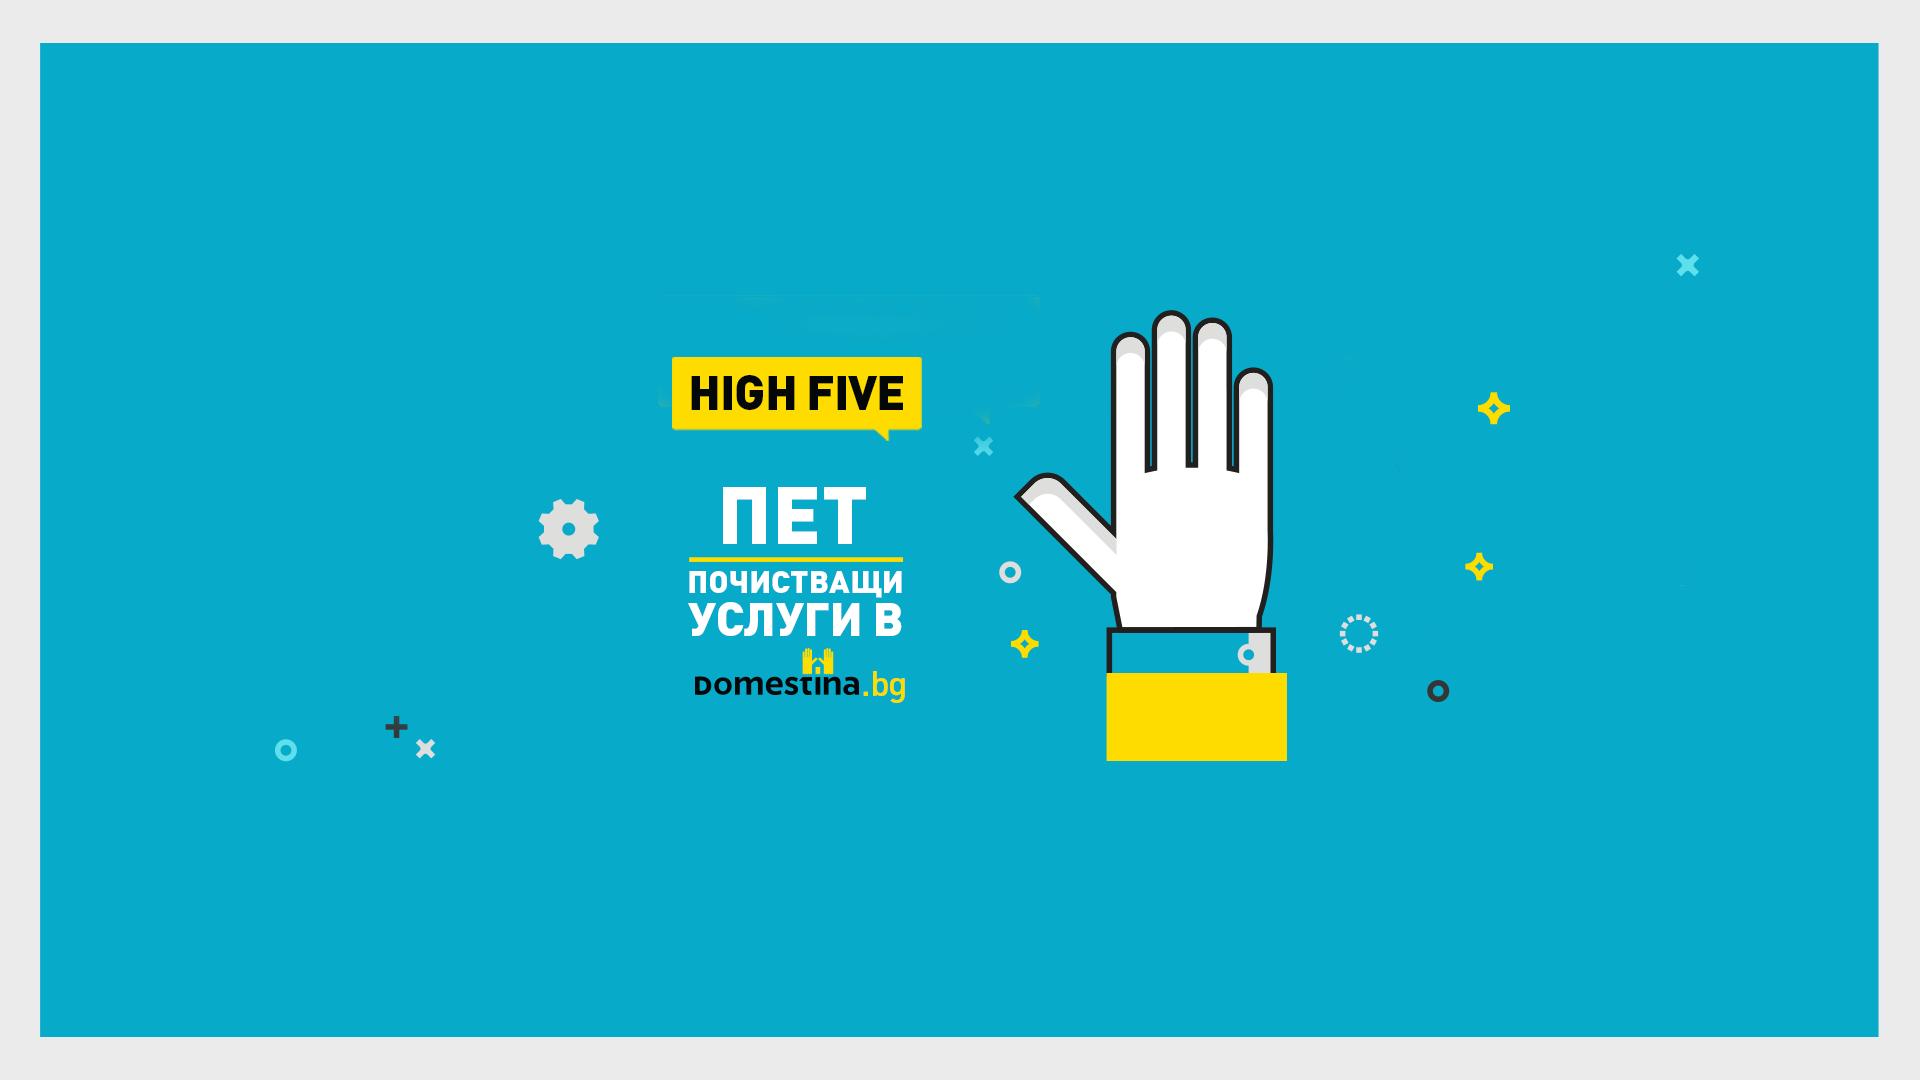 HIGH FIVE с пет почистващи услуги в domestina.bg